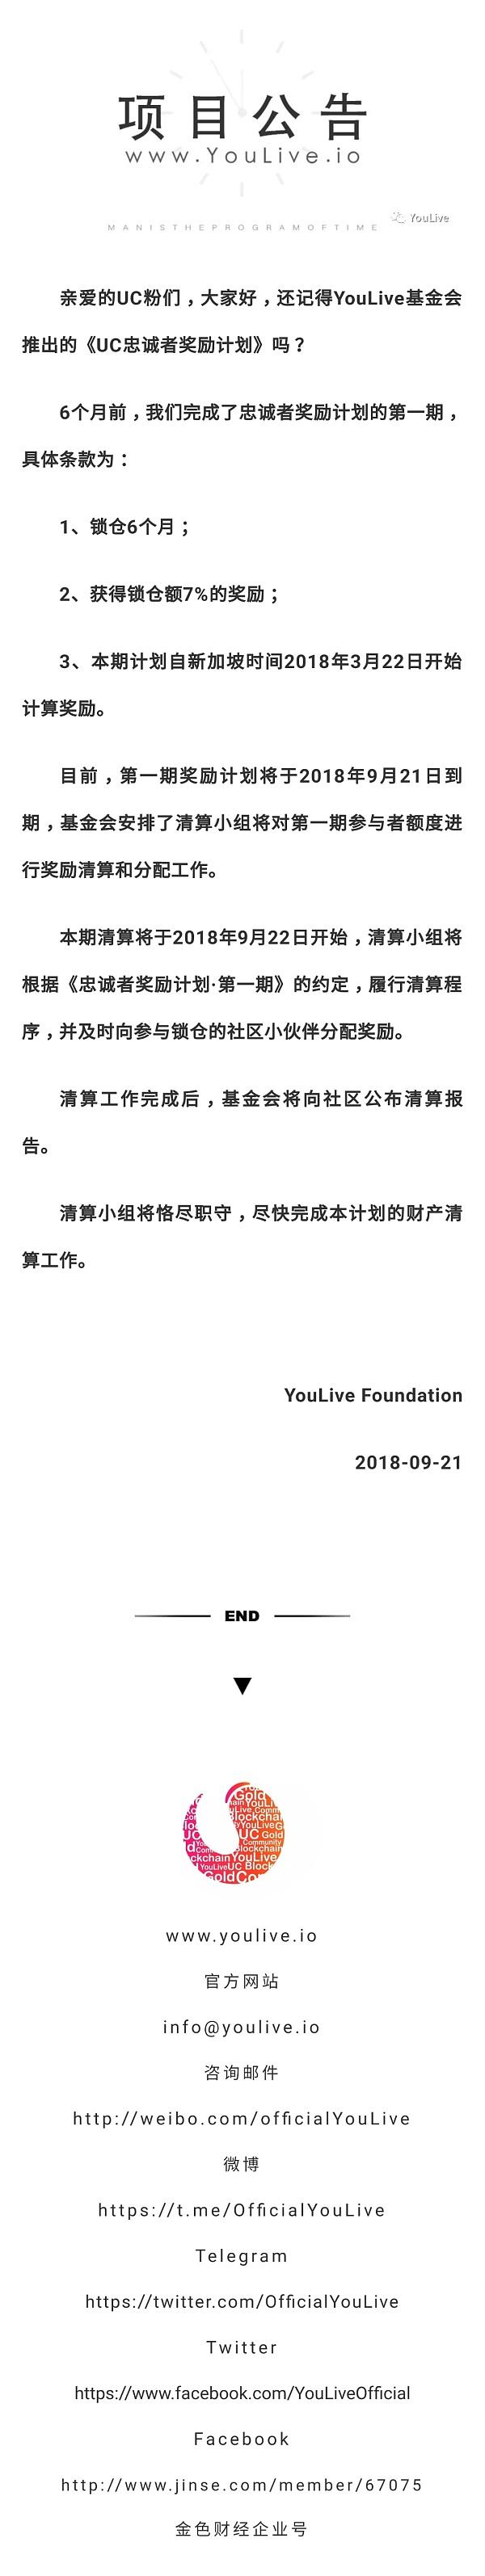 UC忠诚者奖励计划·第一期到期公告